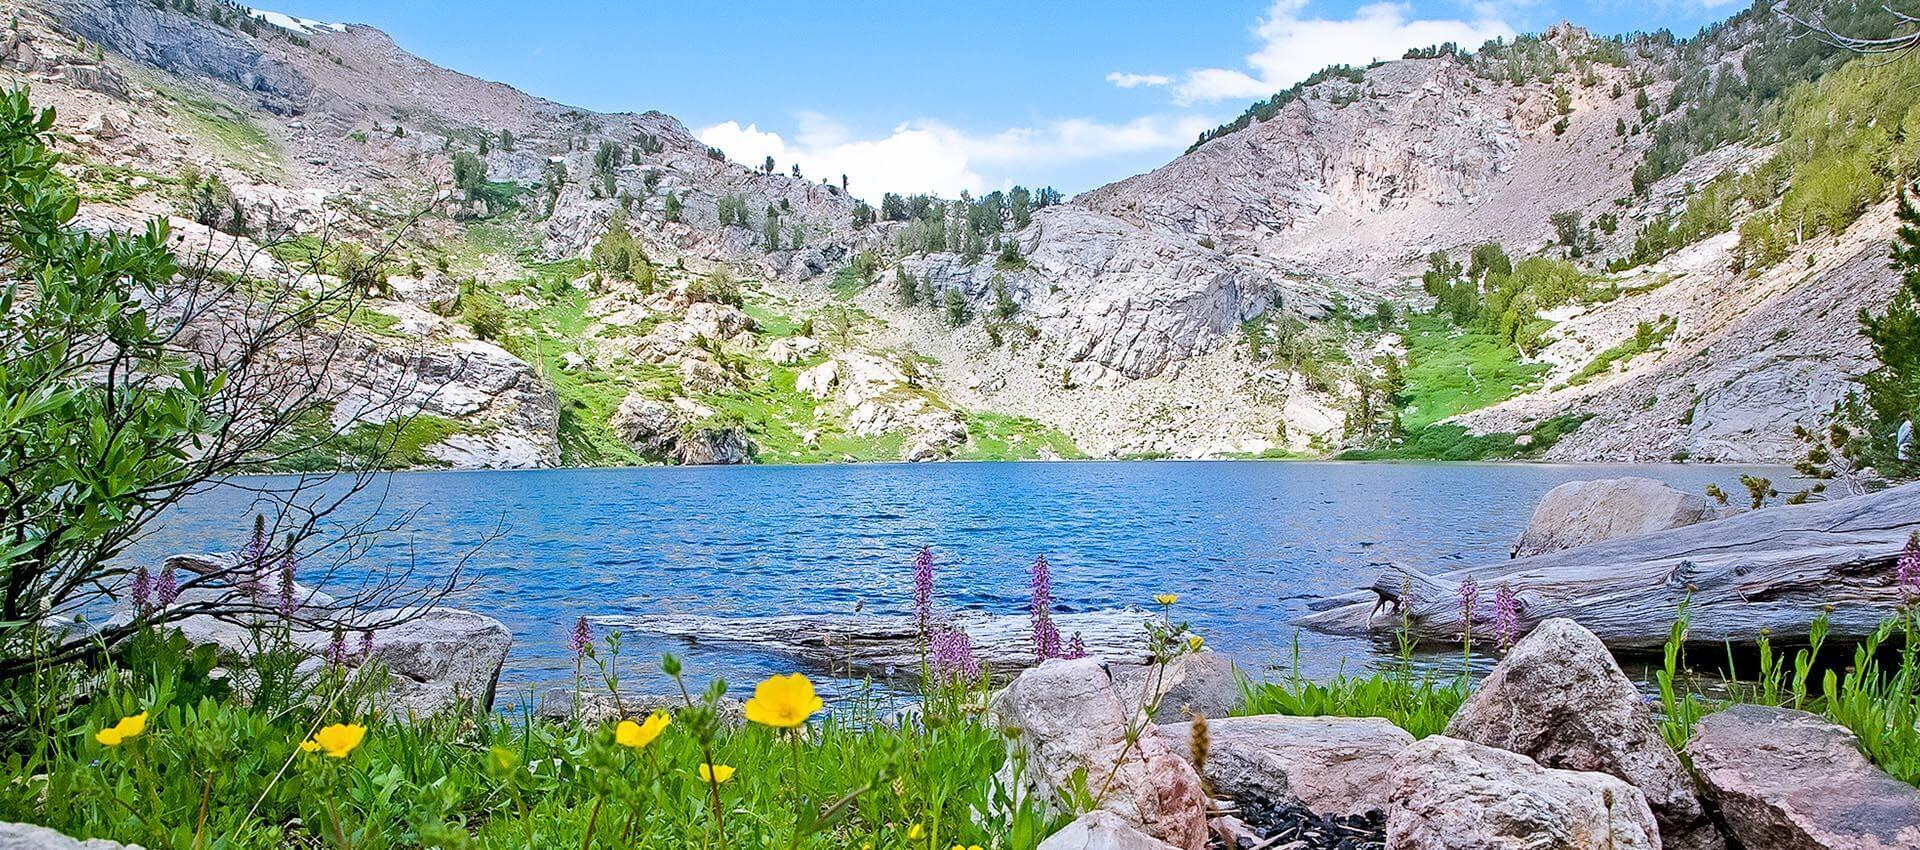 Seasons in Nevada, Spring season in Nevada